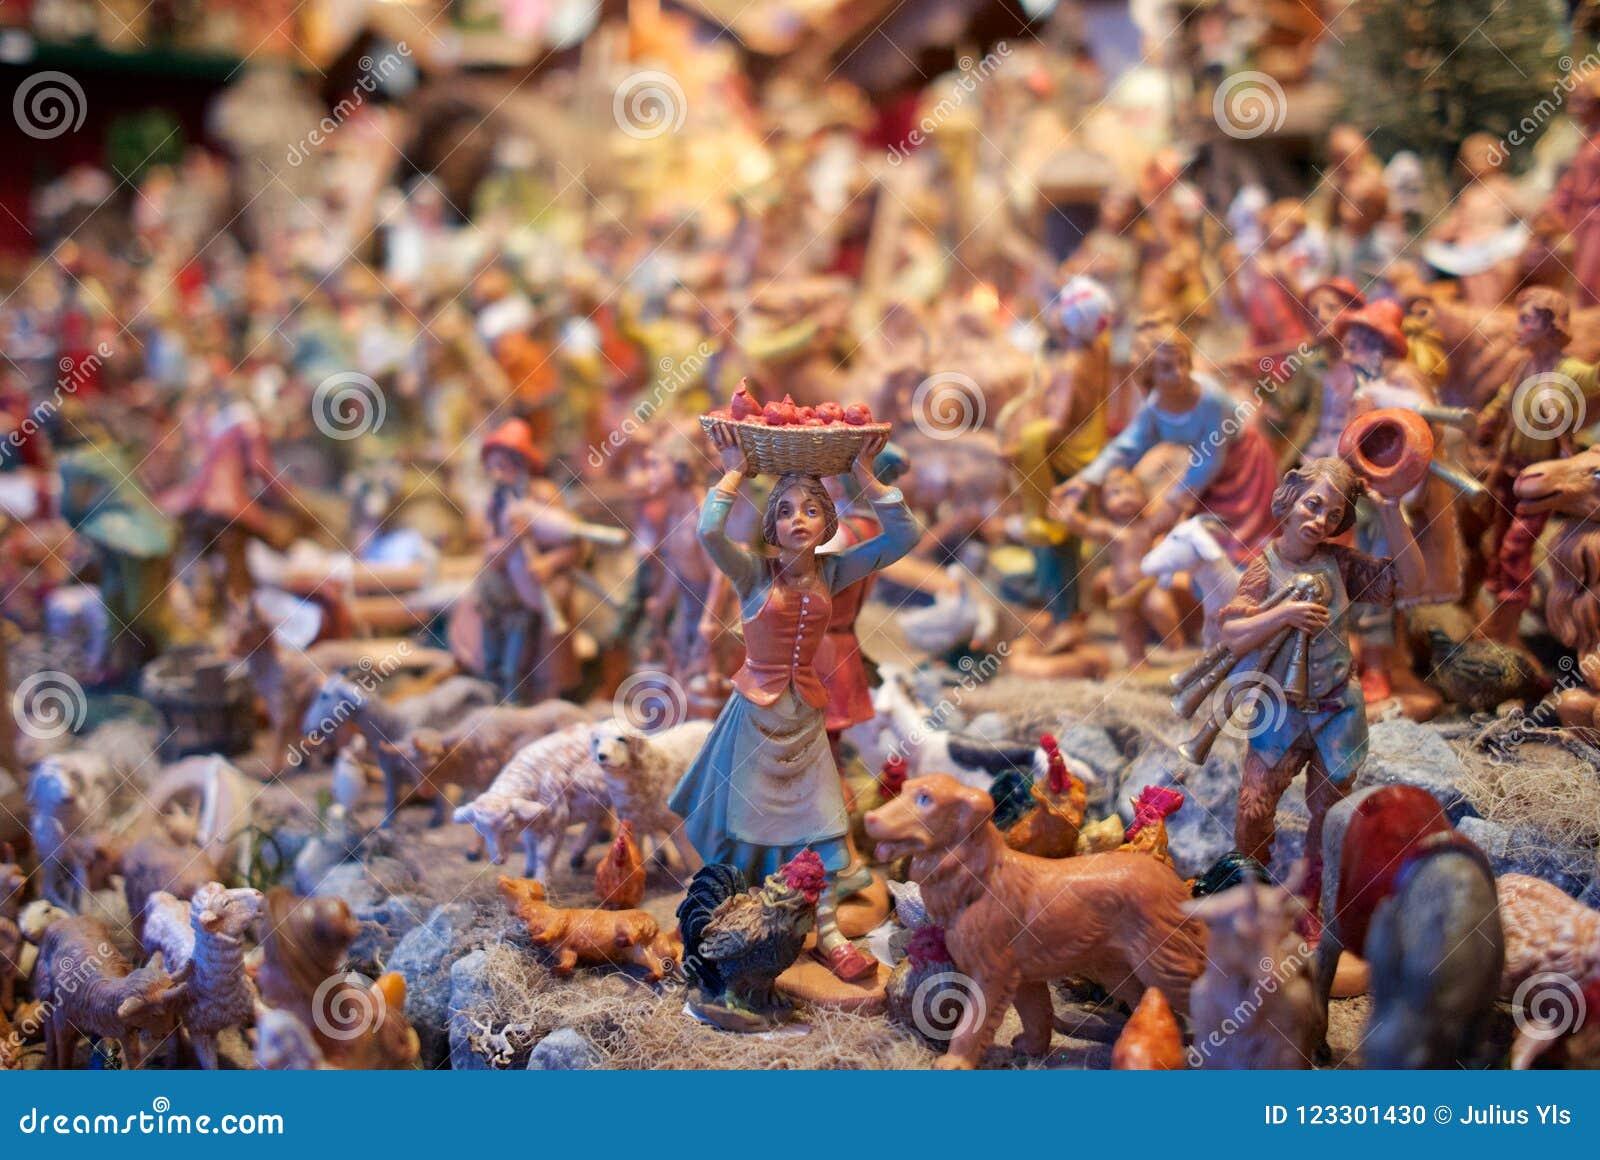 Les mini sculptures dans Noël lancent Vienne sur le marché, Autriche